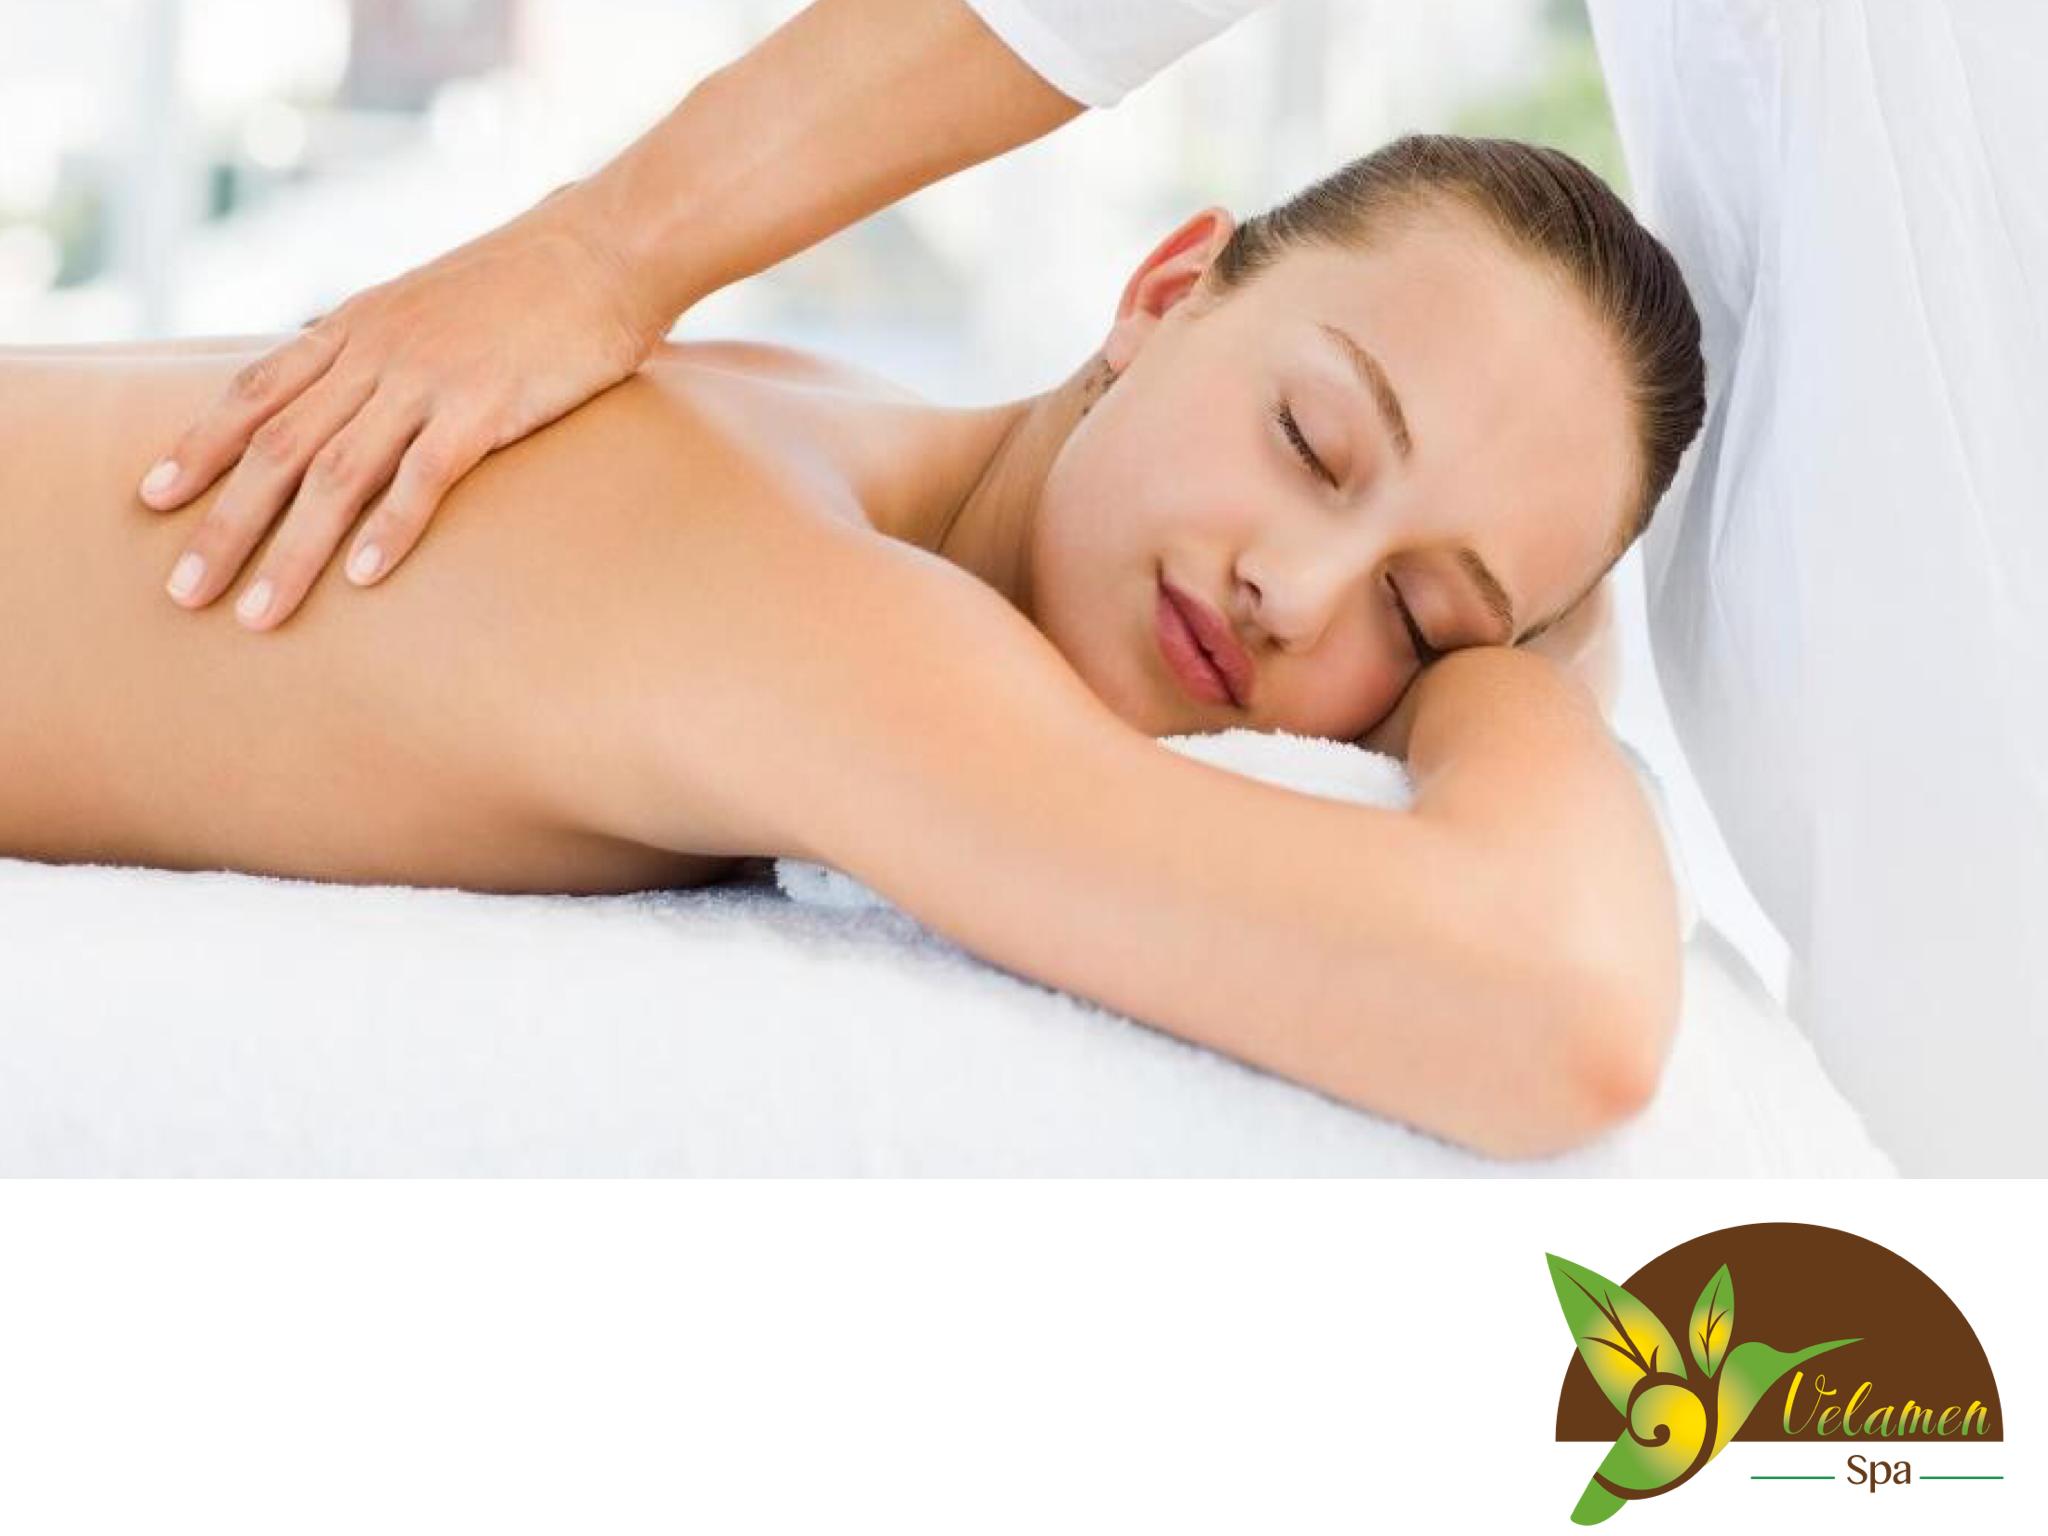 EL MEJOR SPA Con el masaje holístico que realizamos en Velamen SPA, llevamos a cabo una alineación postular en cama basada en manipulaciones y movimientos en los que se conjuntan varias técnicas como tailandés, cráneosacro, quiromasaje, y masaje relajante obteniendo los beneficios de un cuerpo más ligero y flexible, eliminando además  la tensión muscular y permitiendo la respiración profunda.Te invitamos a solicitar una cita comunicándote al 5562-6264 o por Whatsapp al 044(55)74166796